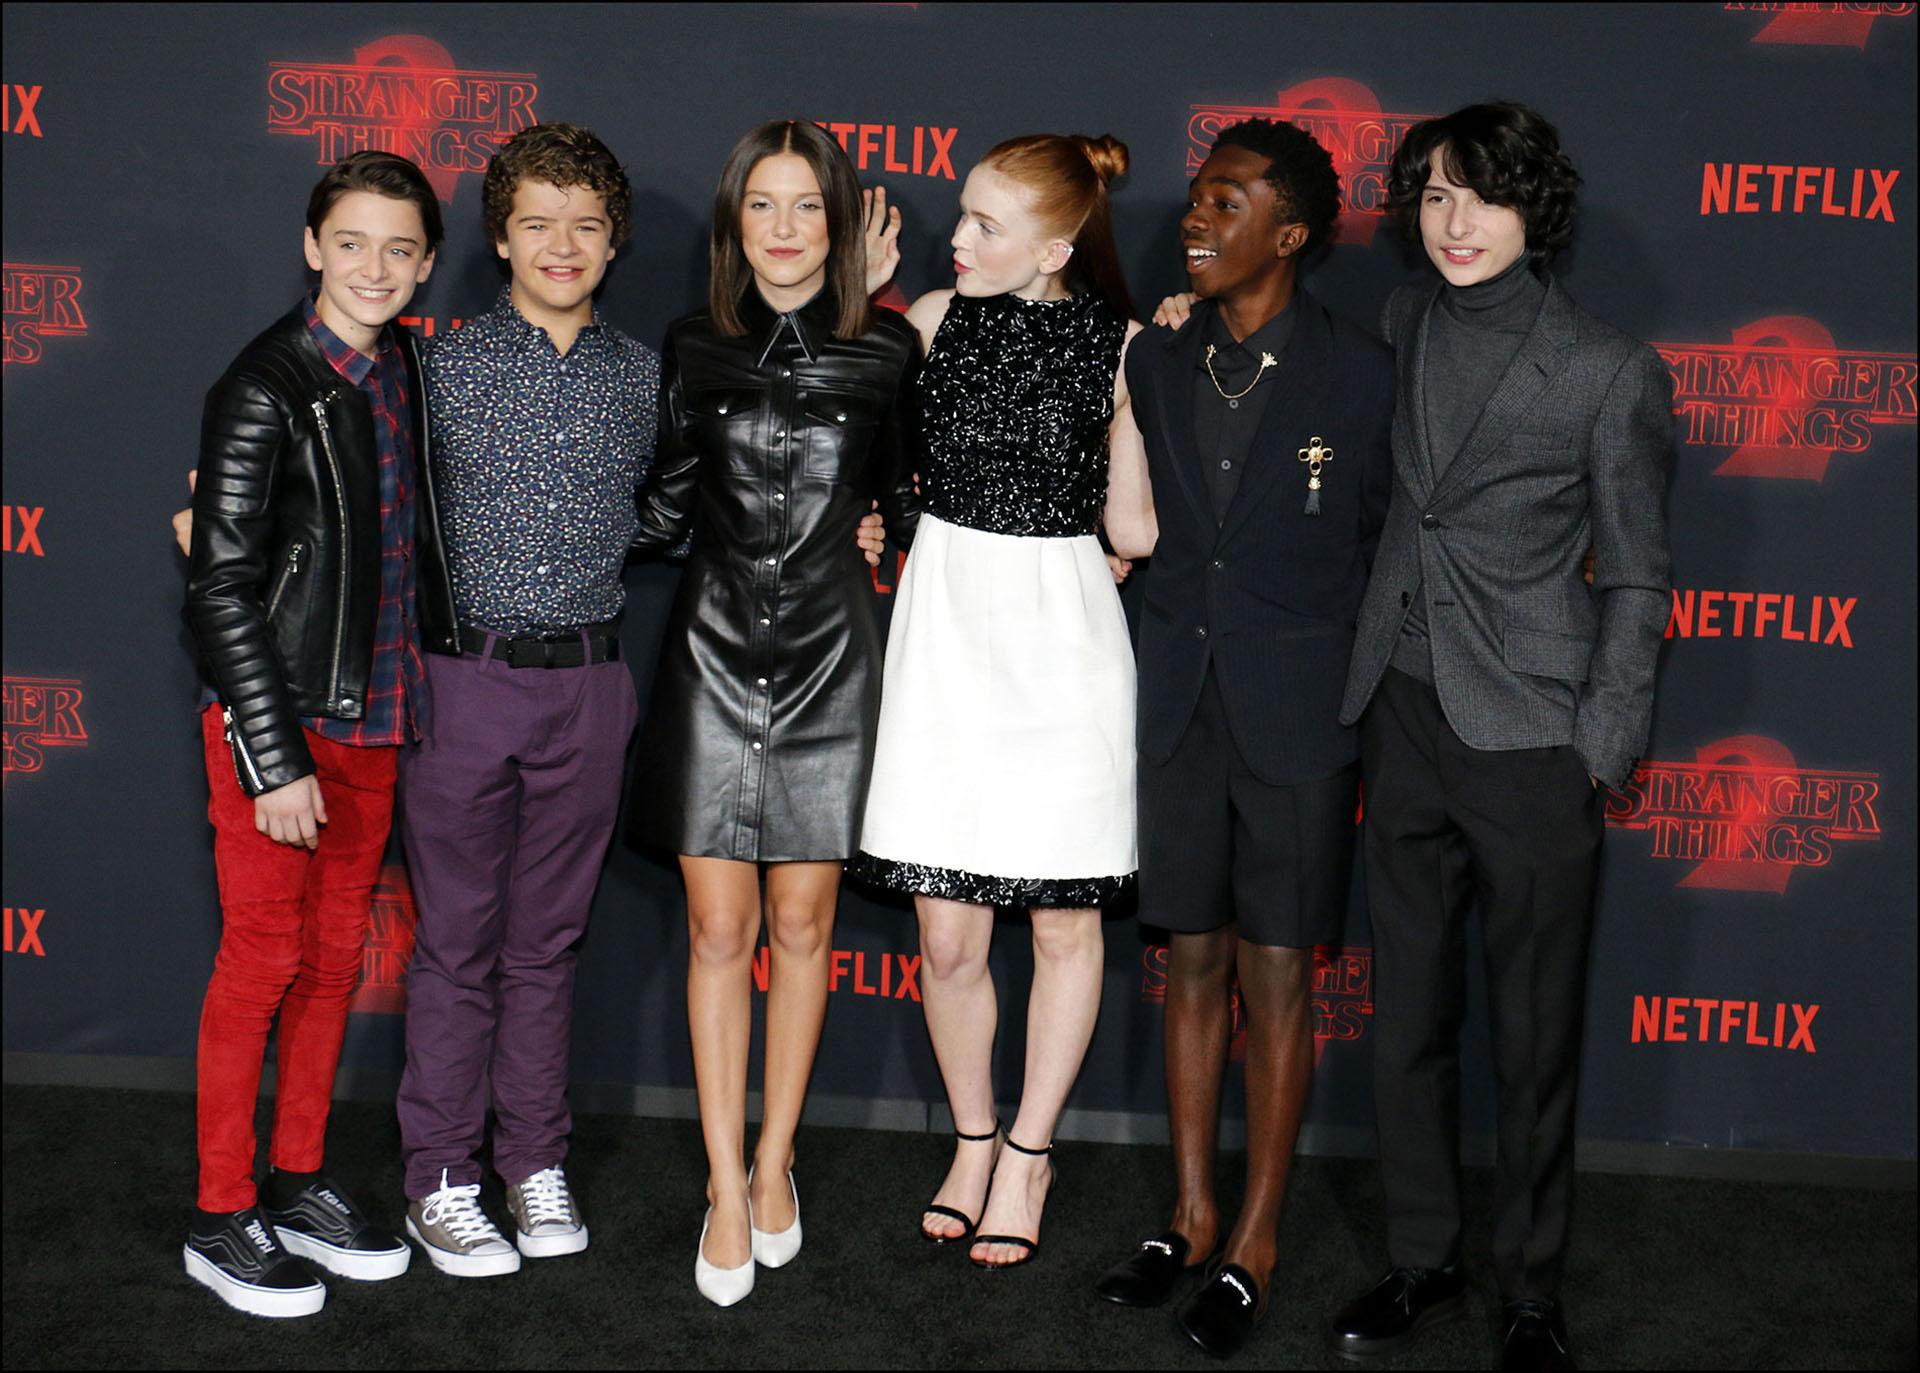 El elenco de Stranger Things en la premiere de la segunda temporada.